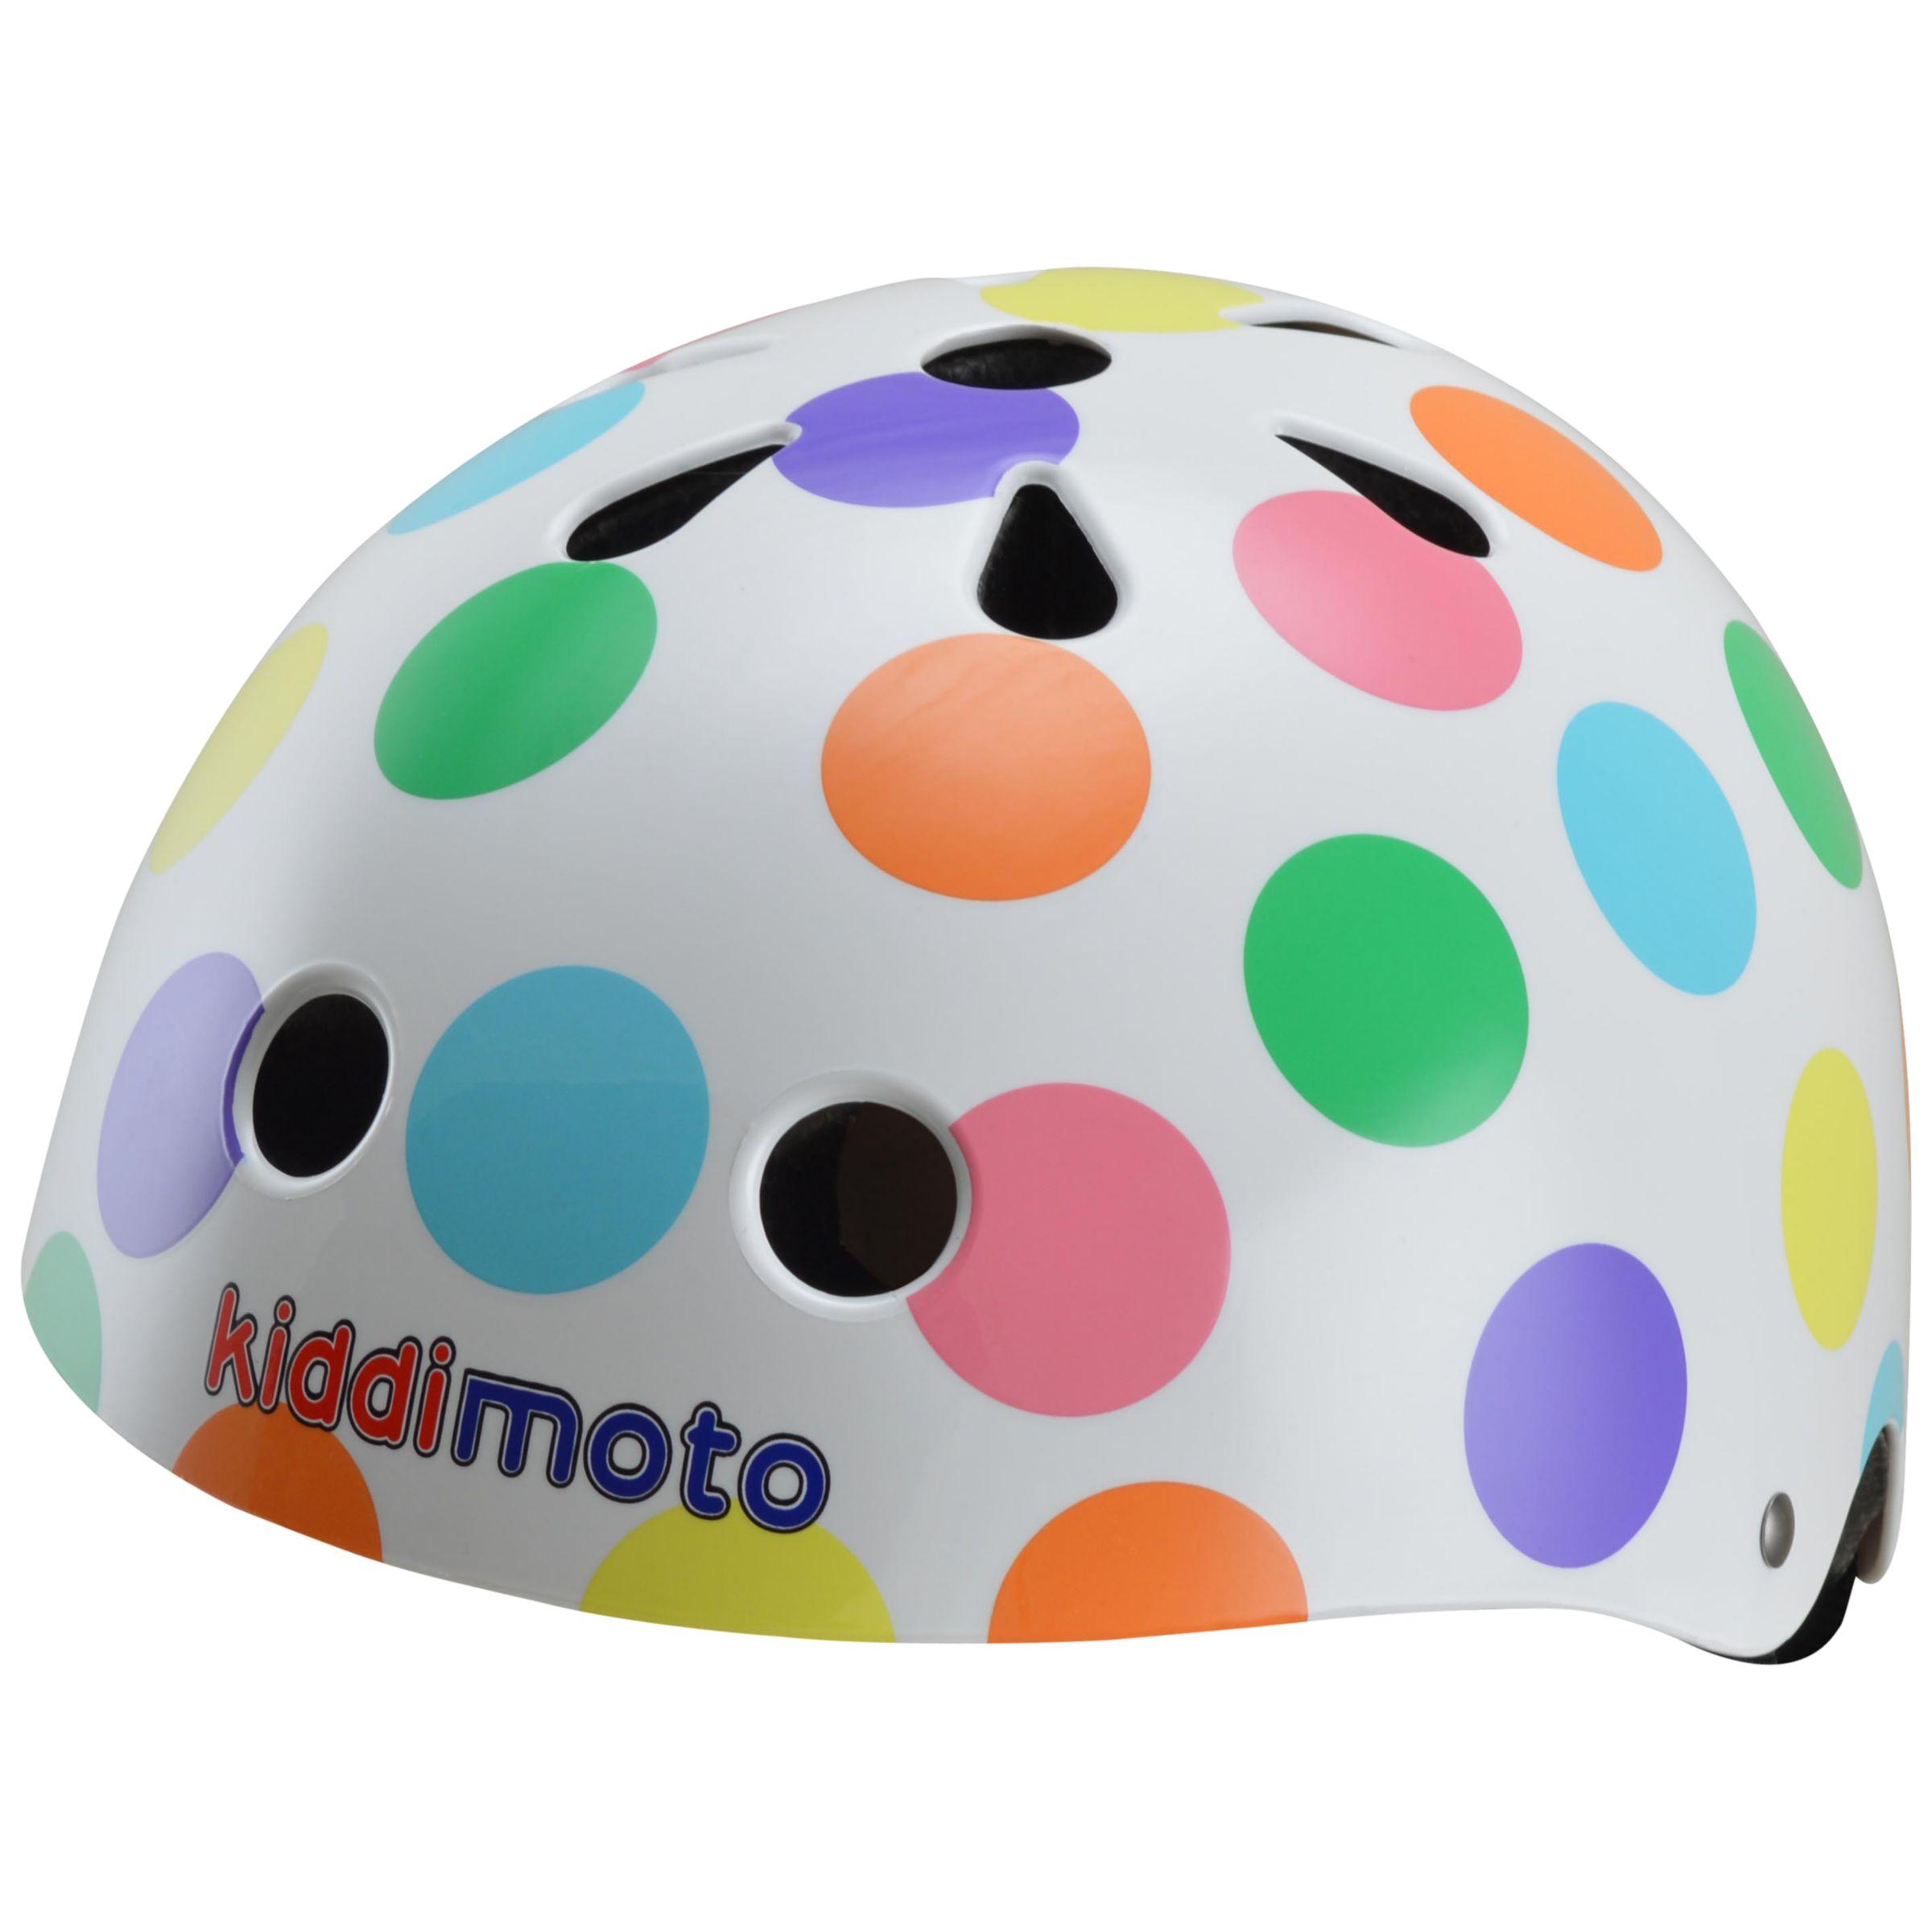 Kiddimoto Kiddimoto Pastel Dotty Helmet, Medium